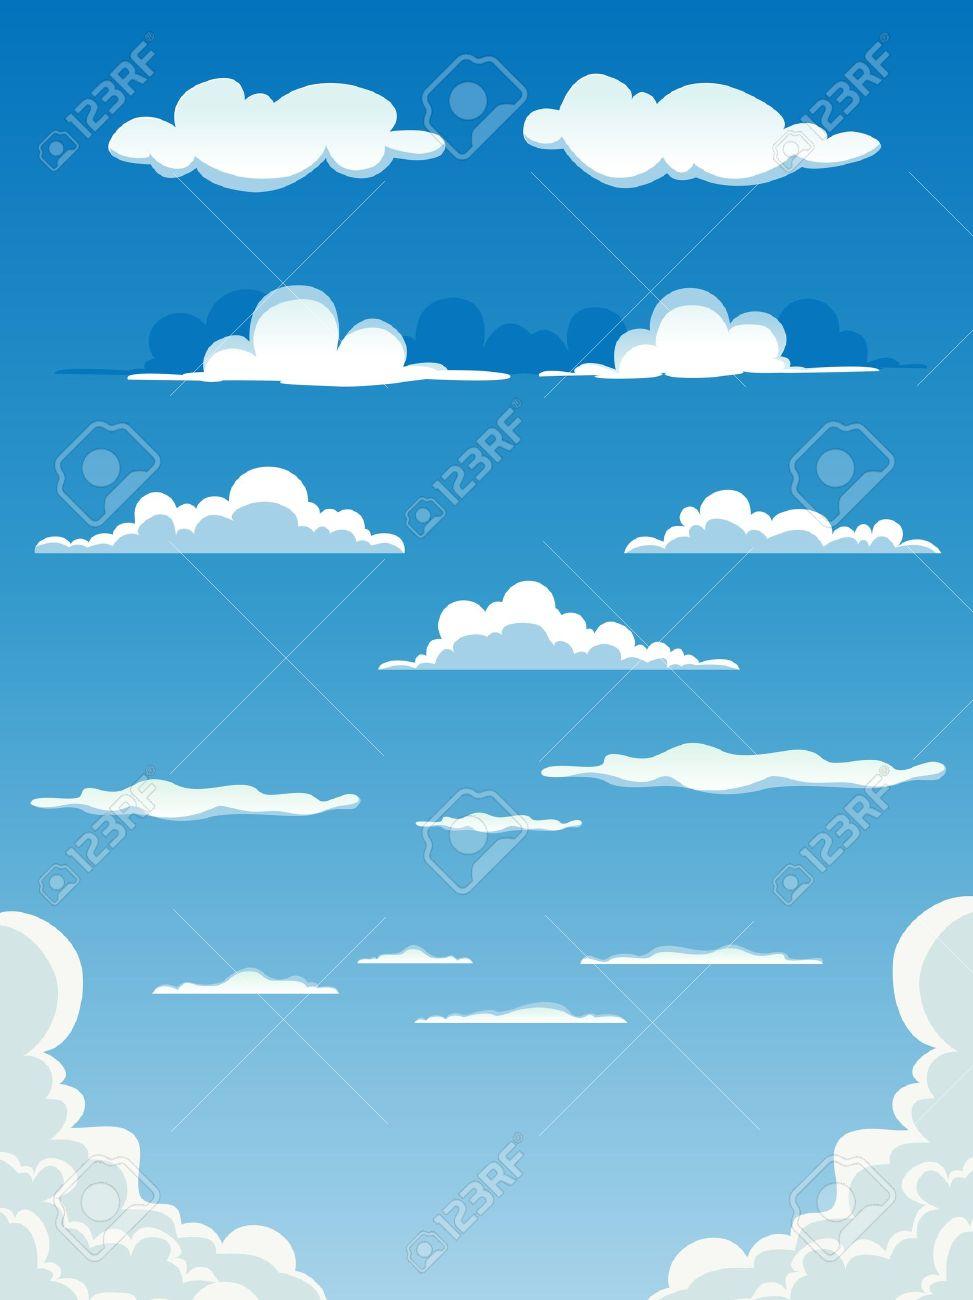 青空の背景の様々 な漫画雲のコレクションのイラスト。 ロイヤリティ